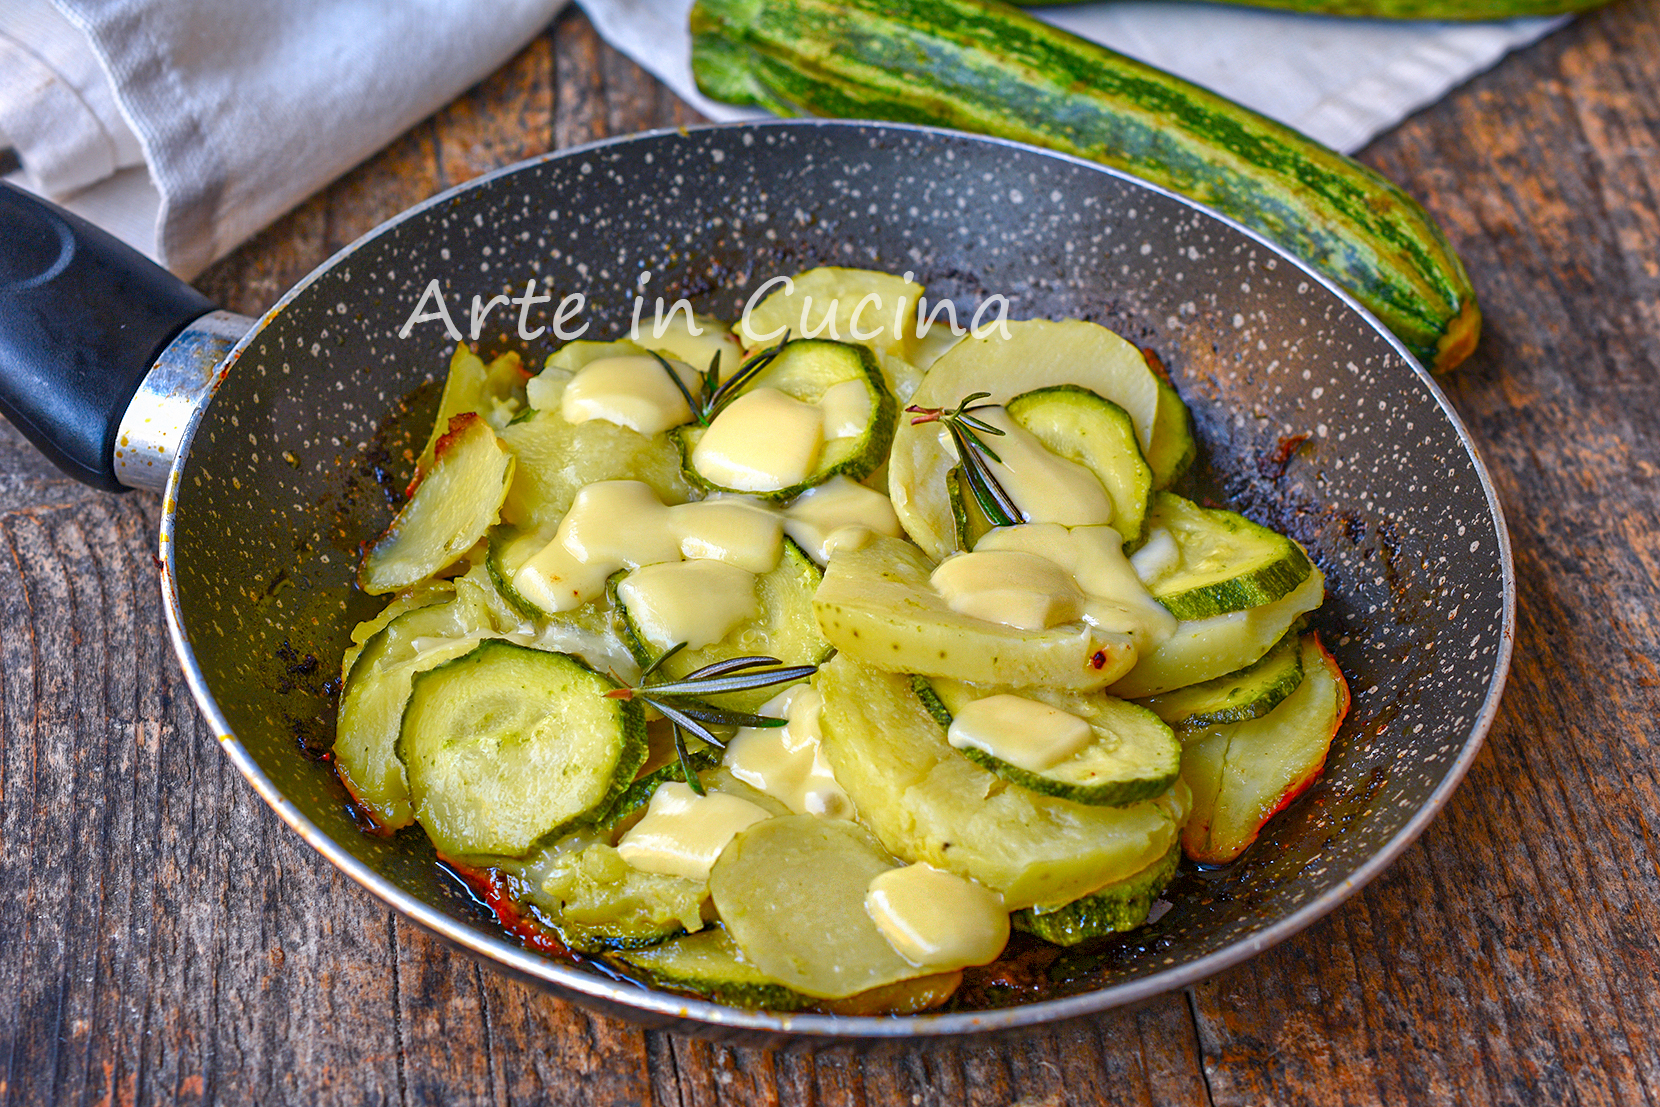 Ricetta Patate E Zucchine In Padella.Zucchine Con Patate E Formaggio In Padella Contorno O Secondo